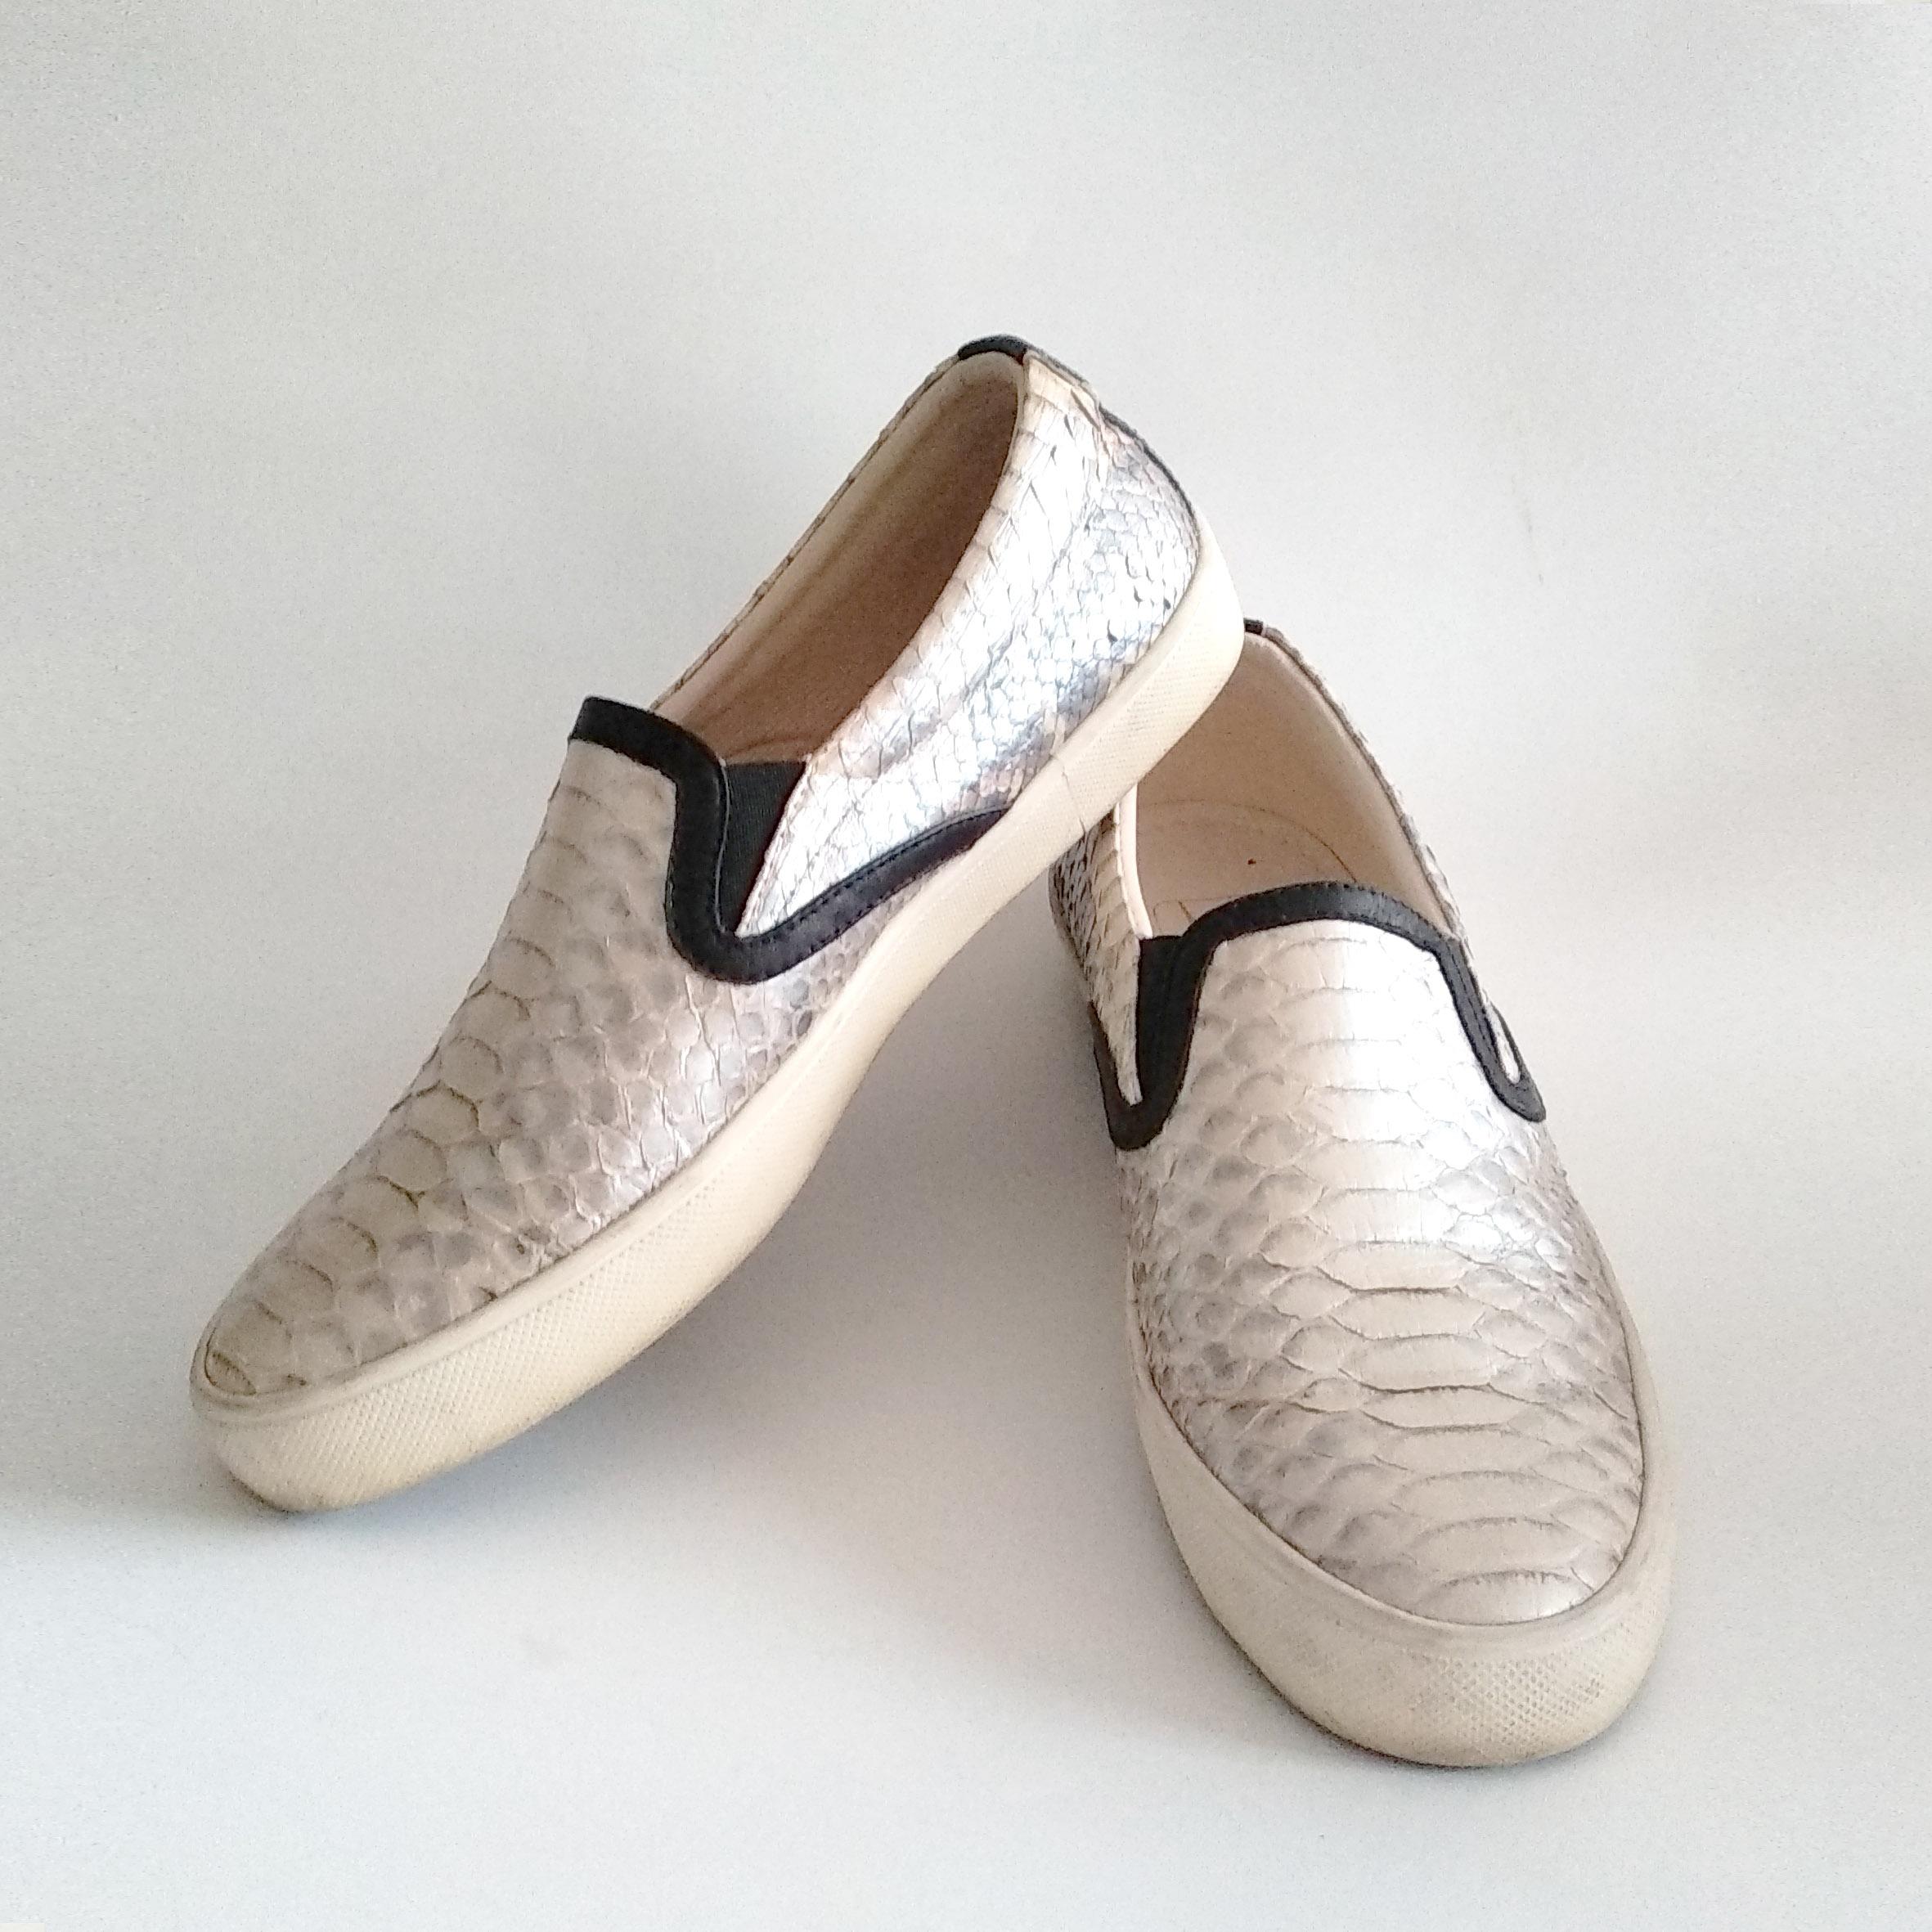 Marnola Shoes